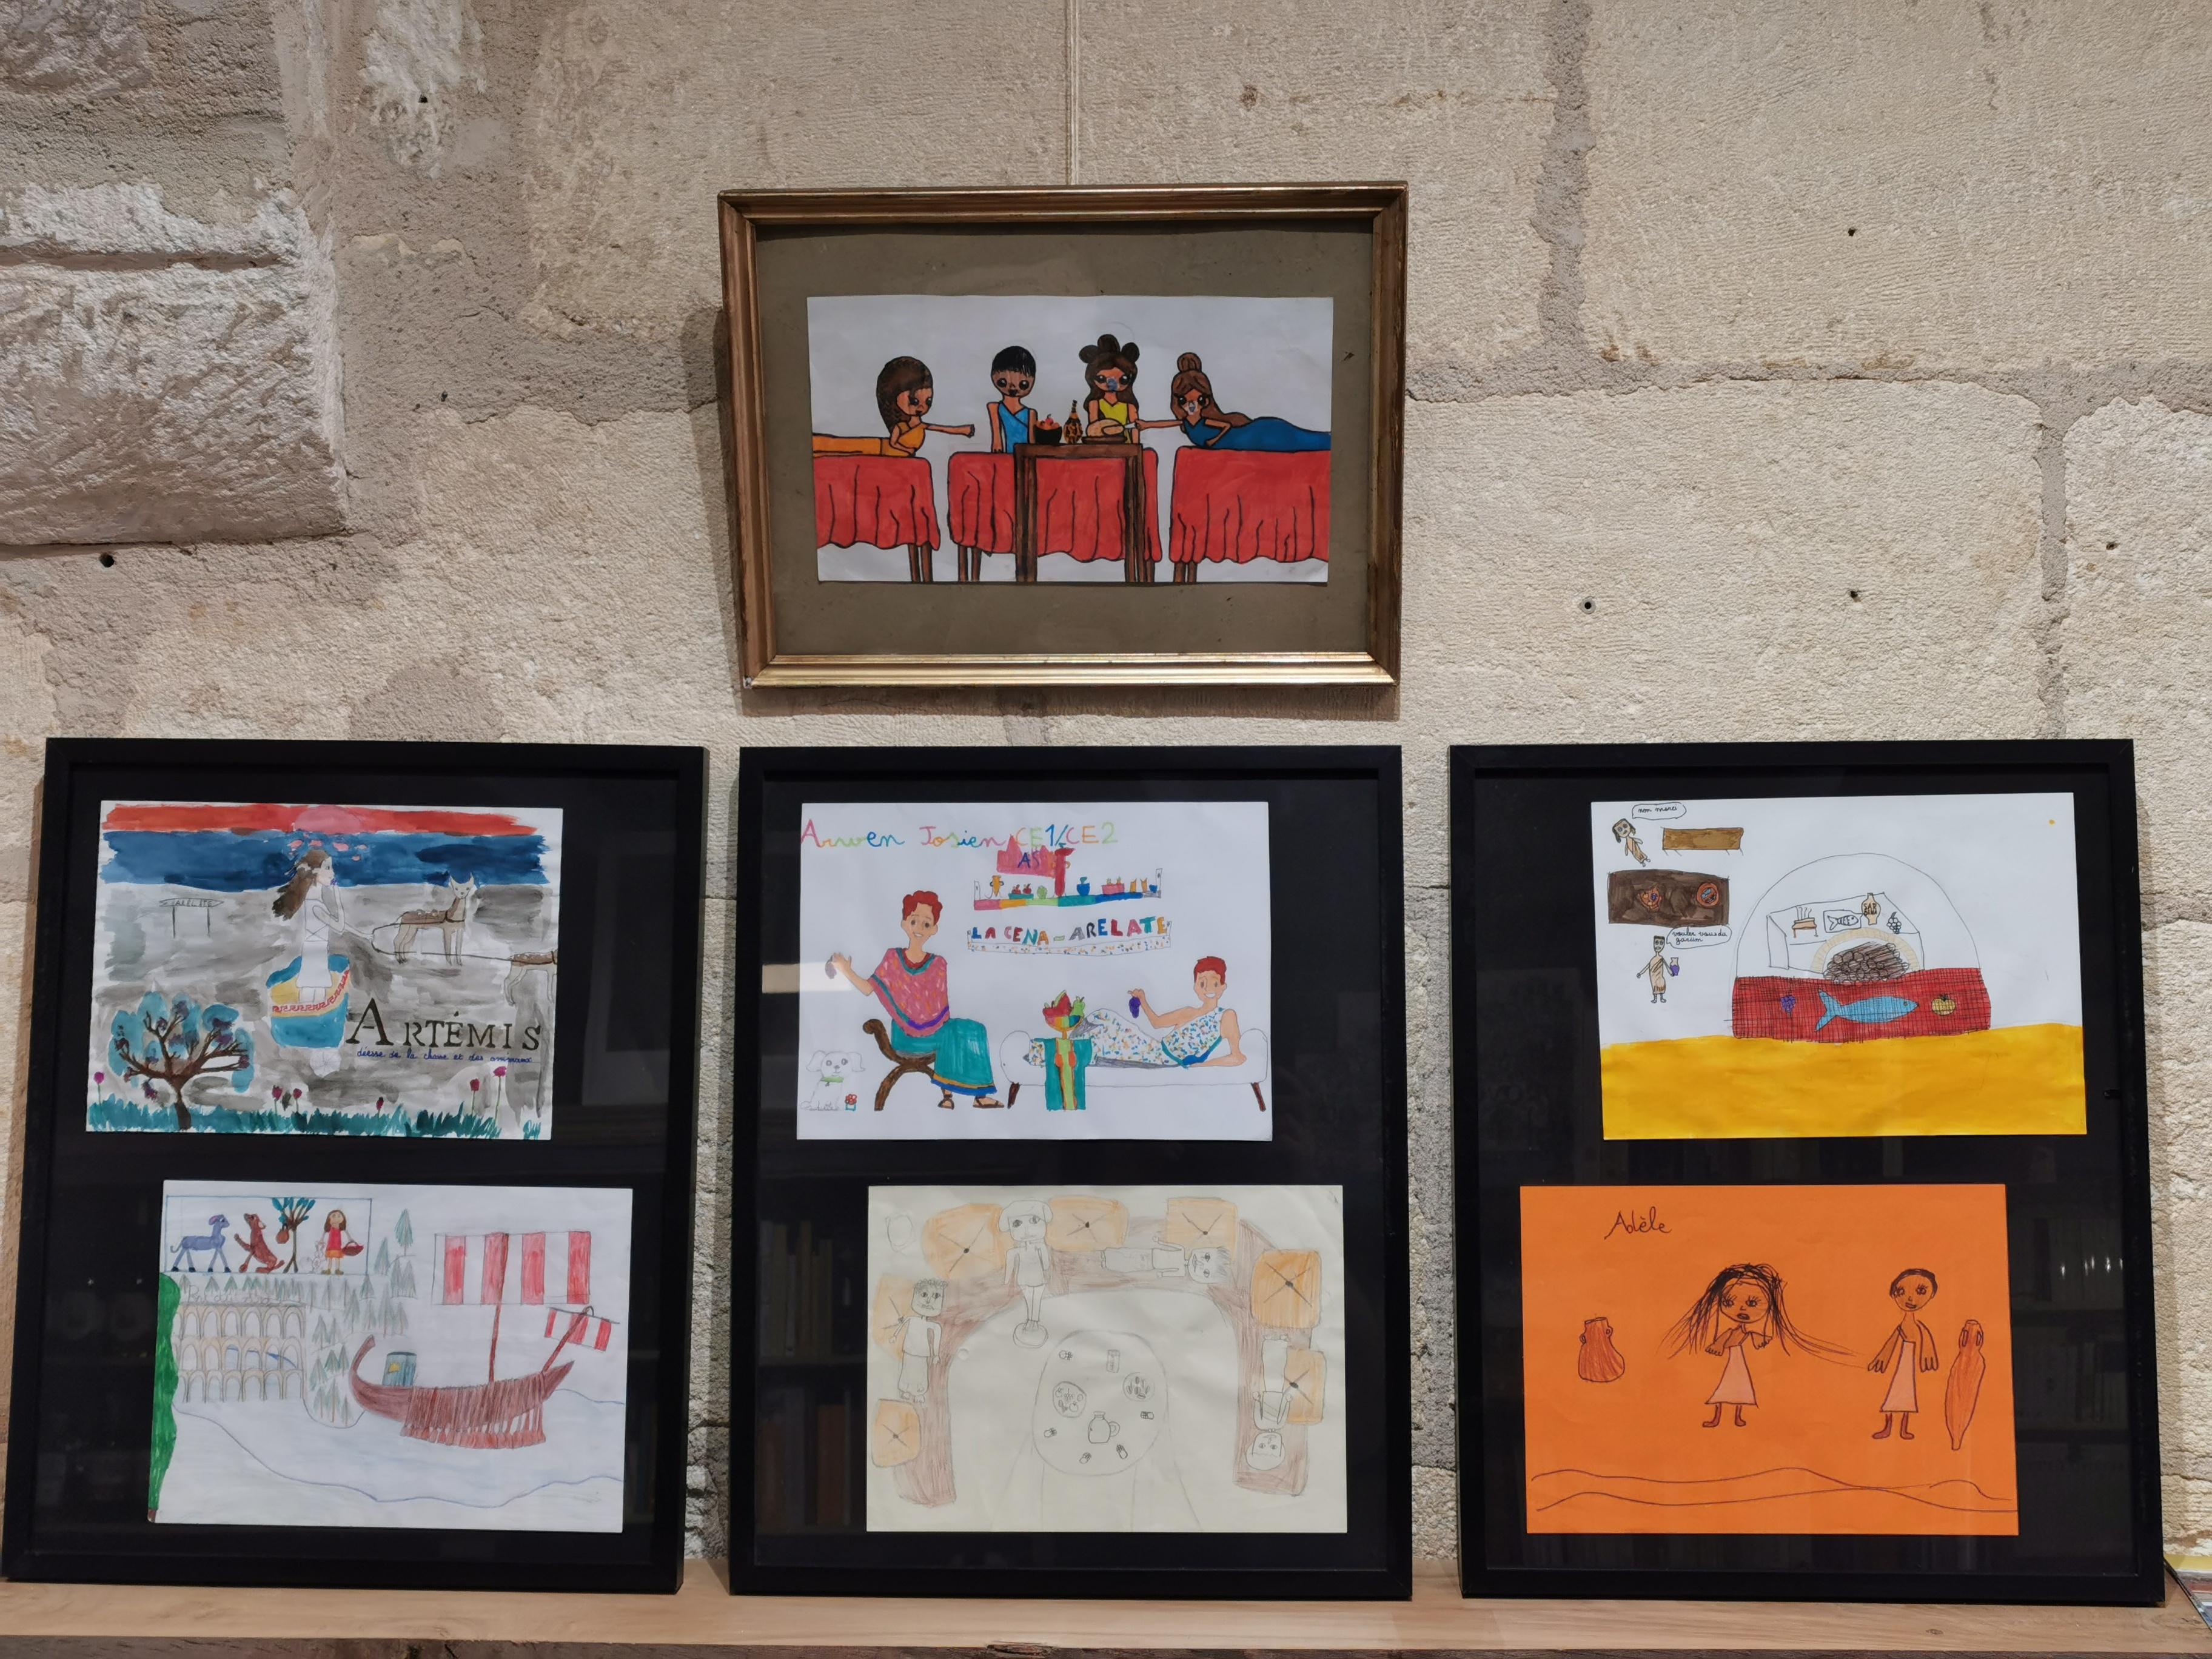 De natura rerum présente jusqu'au 13 août les sept dessins lauréats du concours de dessins qui a été organisé dans 3 écoles primaires arlésiennes par Les P'tits Gallo-romains.